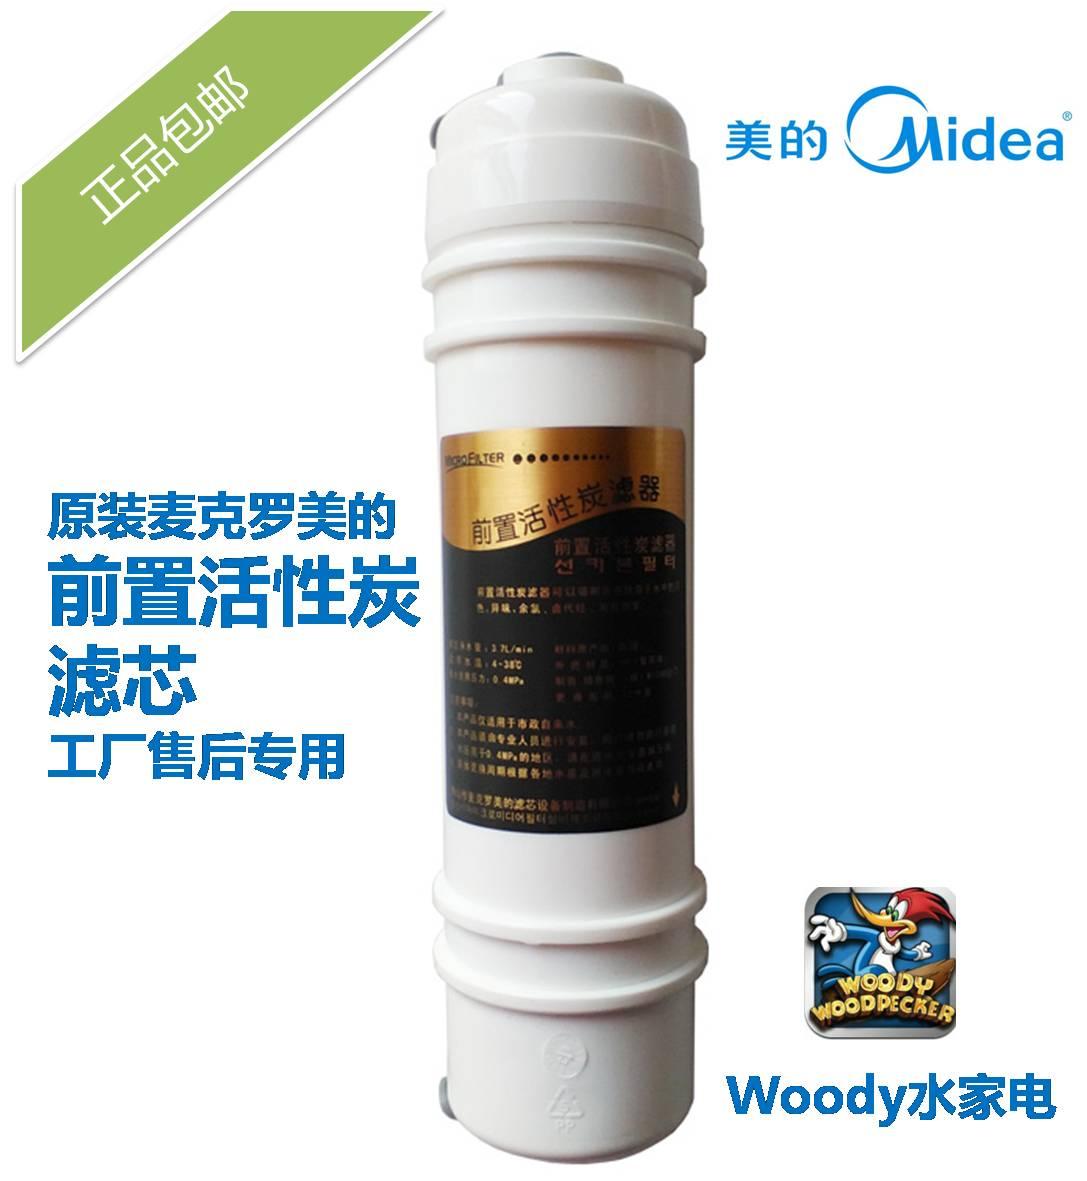 美の浄水器のフィルタM 6マイク羅前置活性炭フィルタを適用するMRO101102などのシリーズ